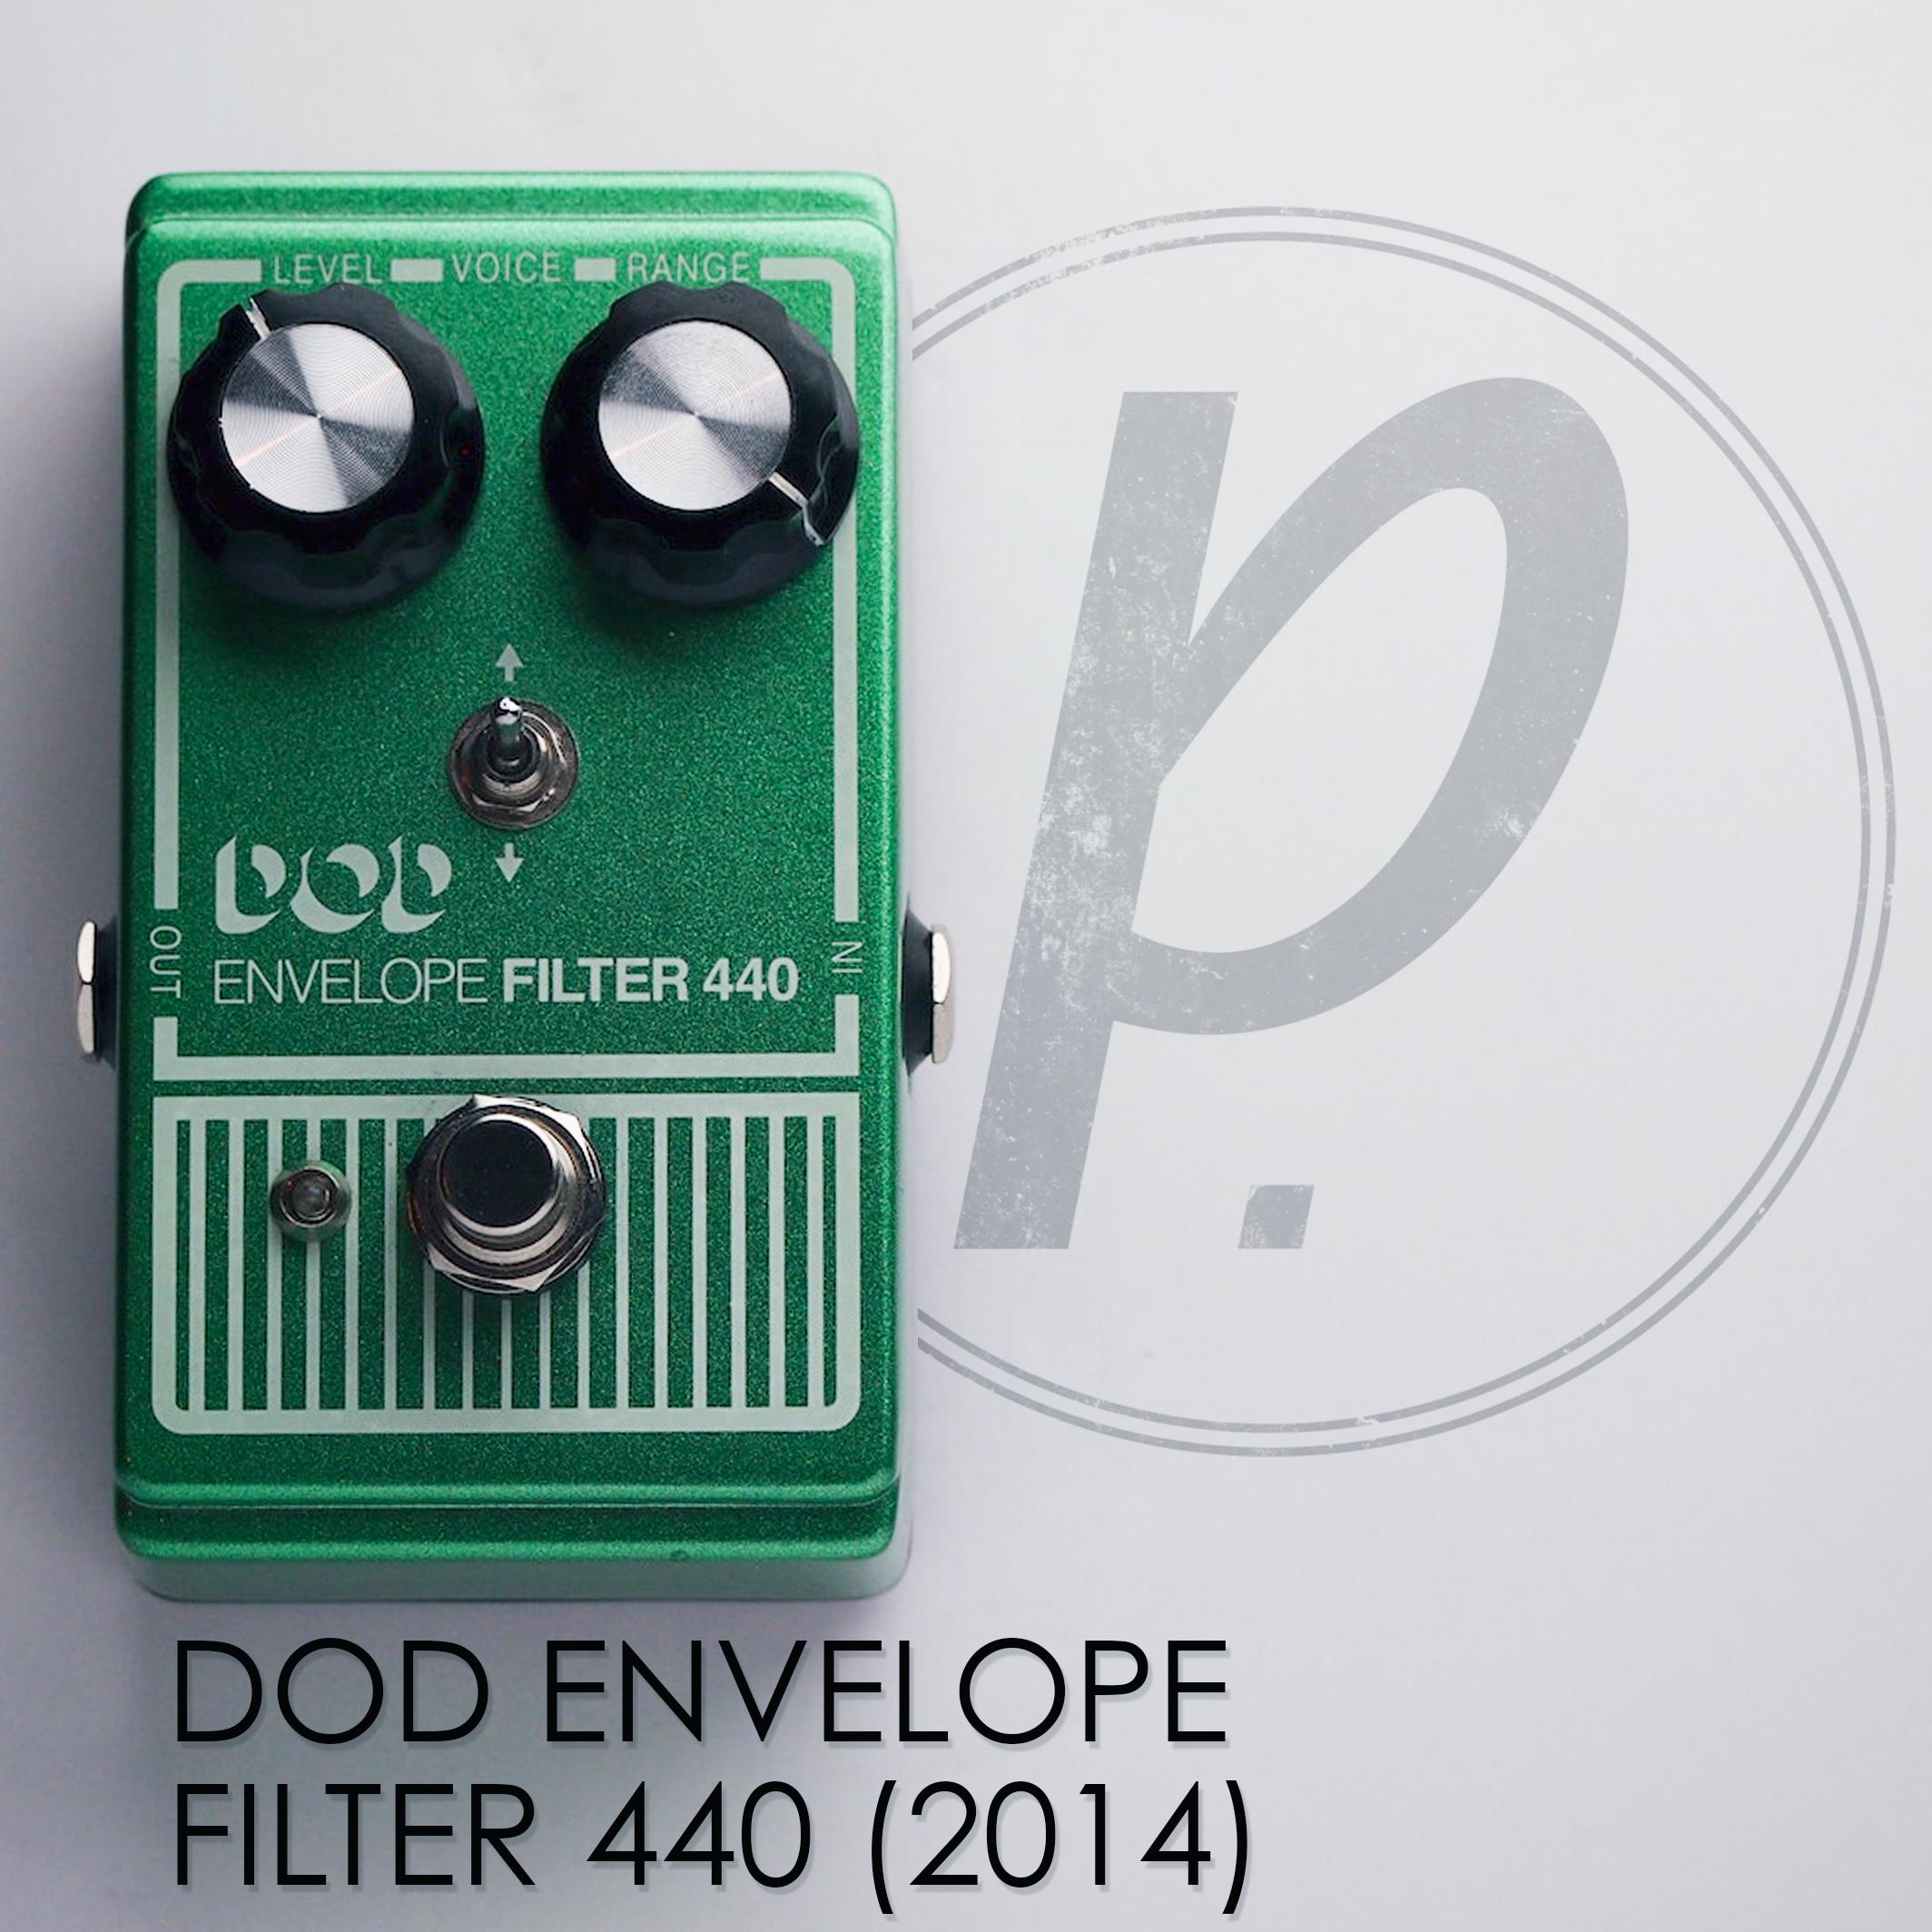 dod envelope filter 440 2014 pedal of the day. Black Bedroom Furniture Sets. Home Design Ideas